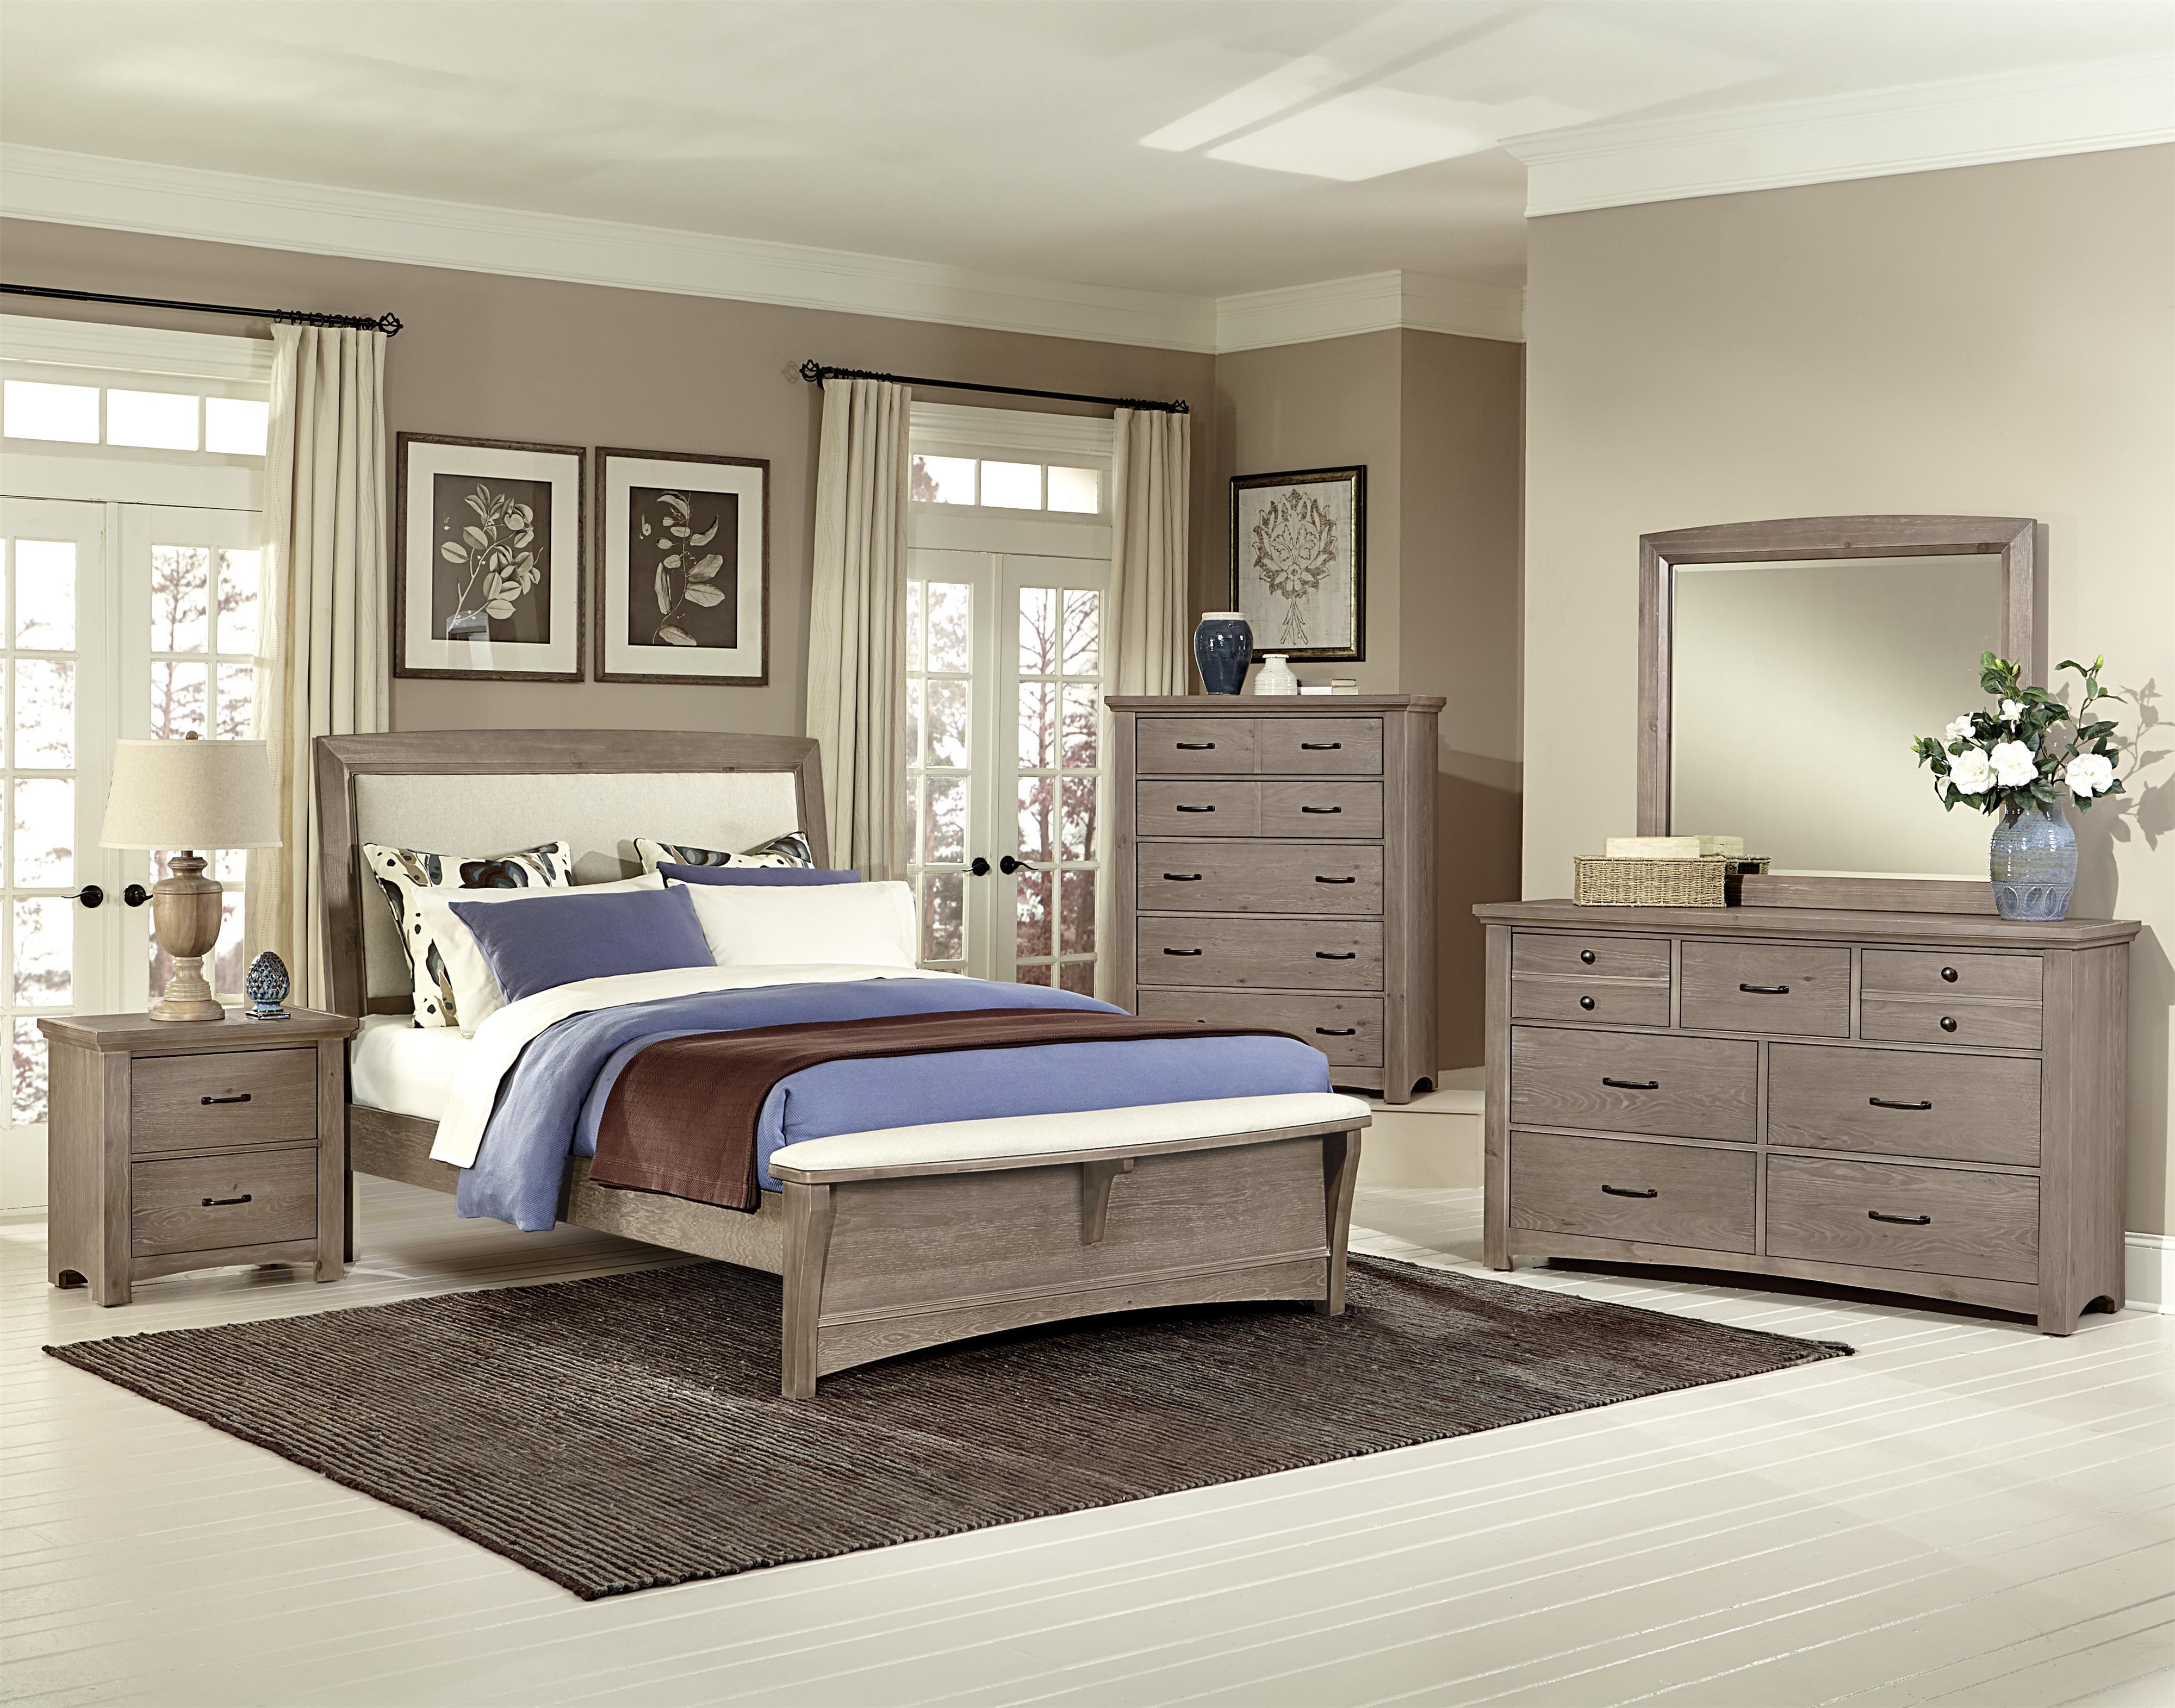 Vaughan Bassett Transitions Queen Bedroom Group Belfort Furniture Bedroom Groups